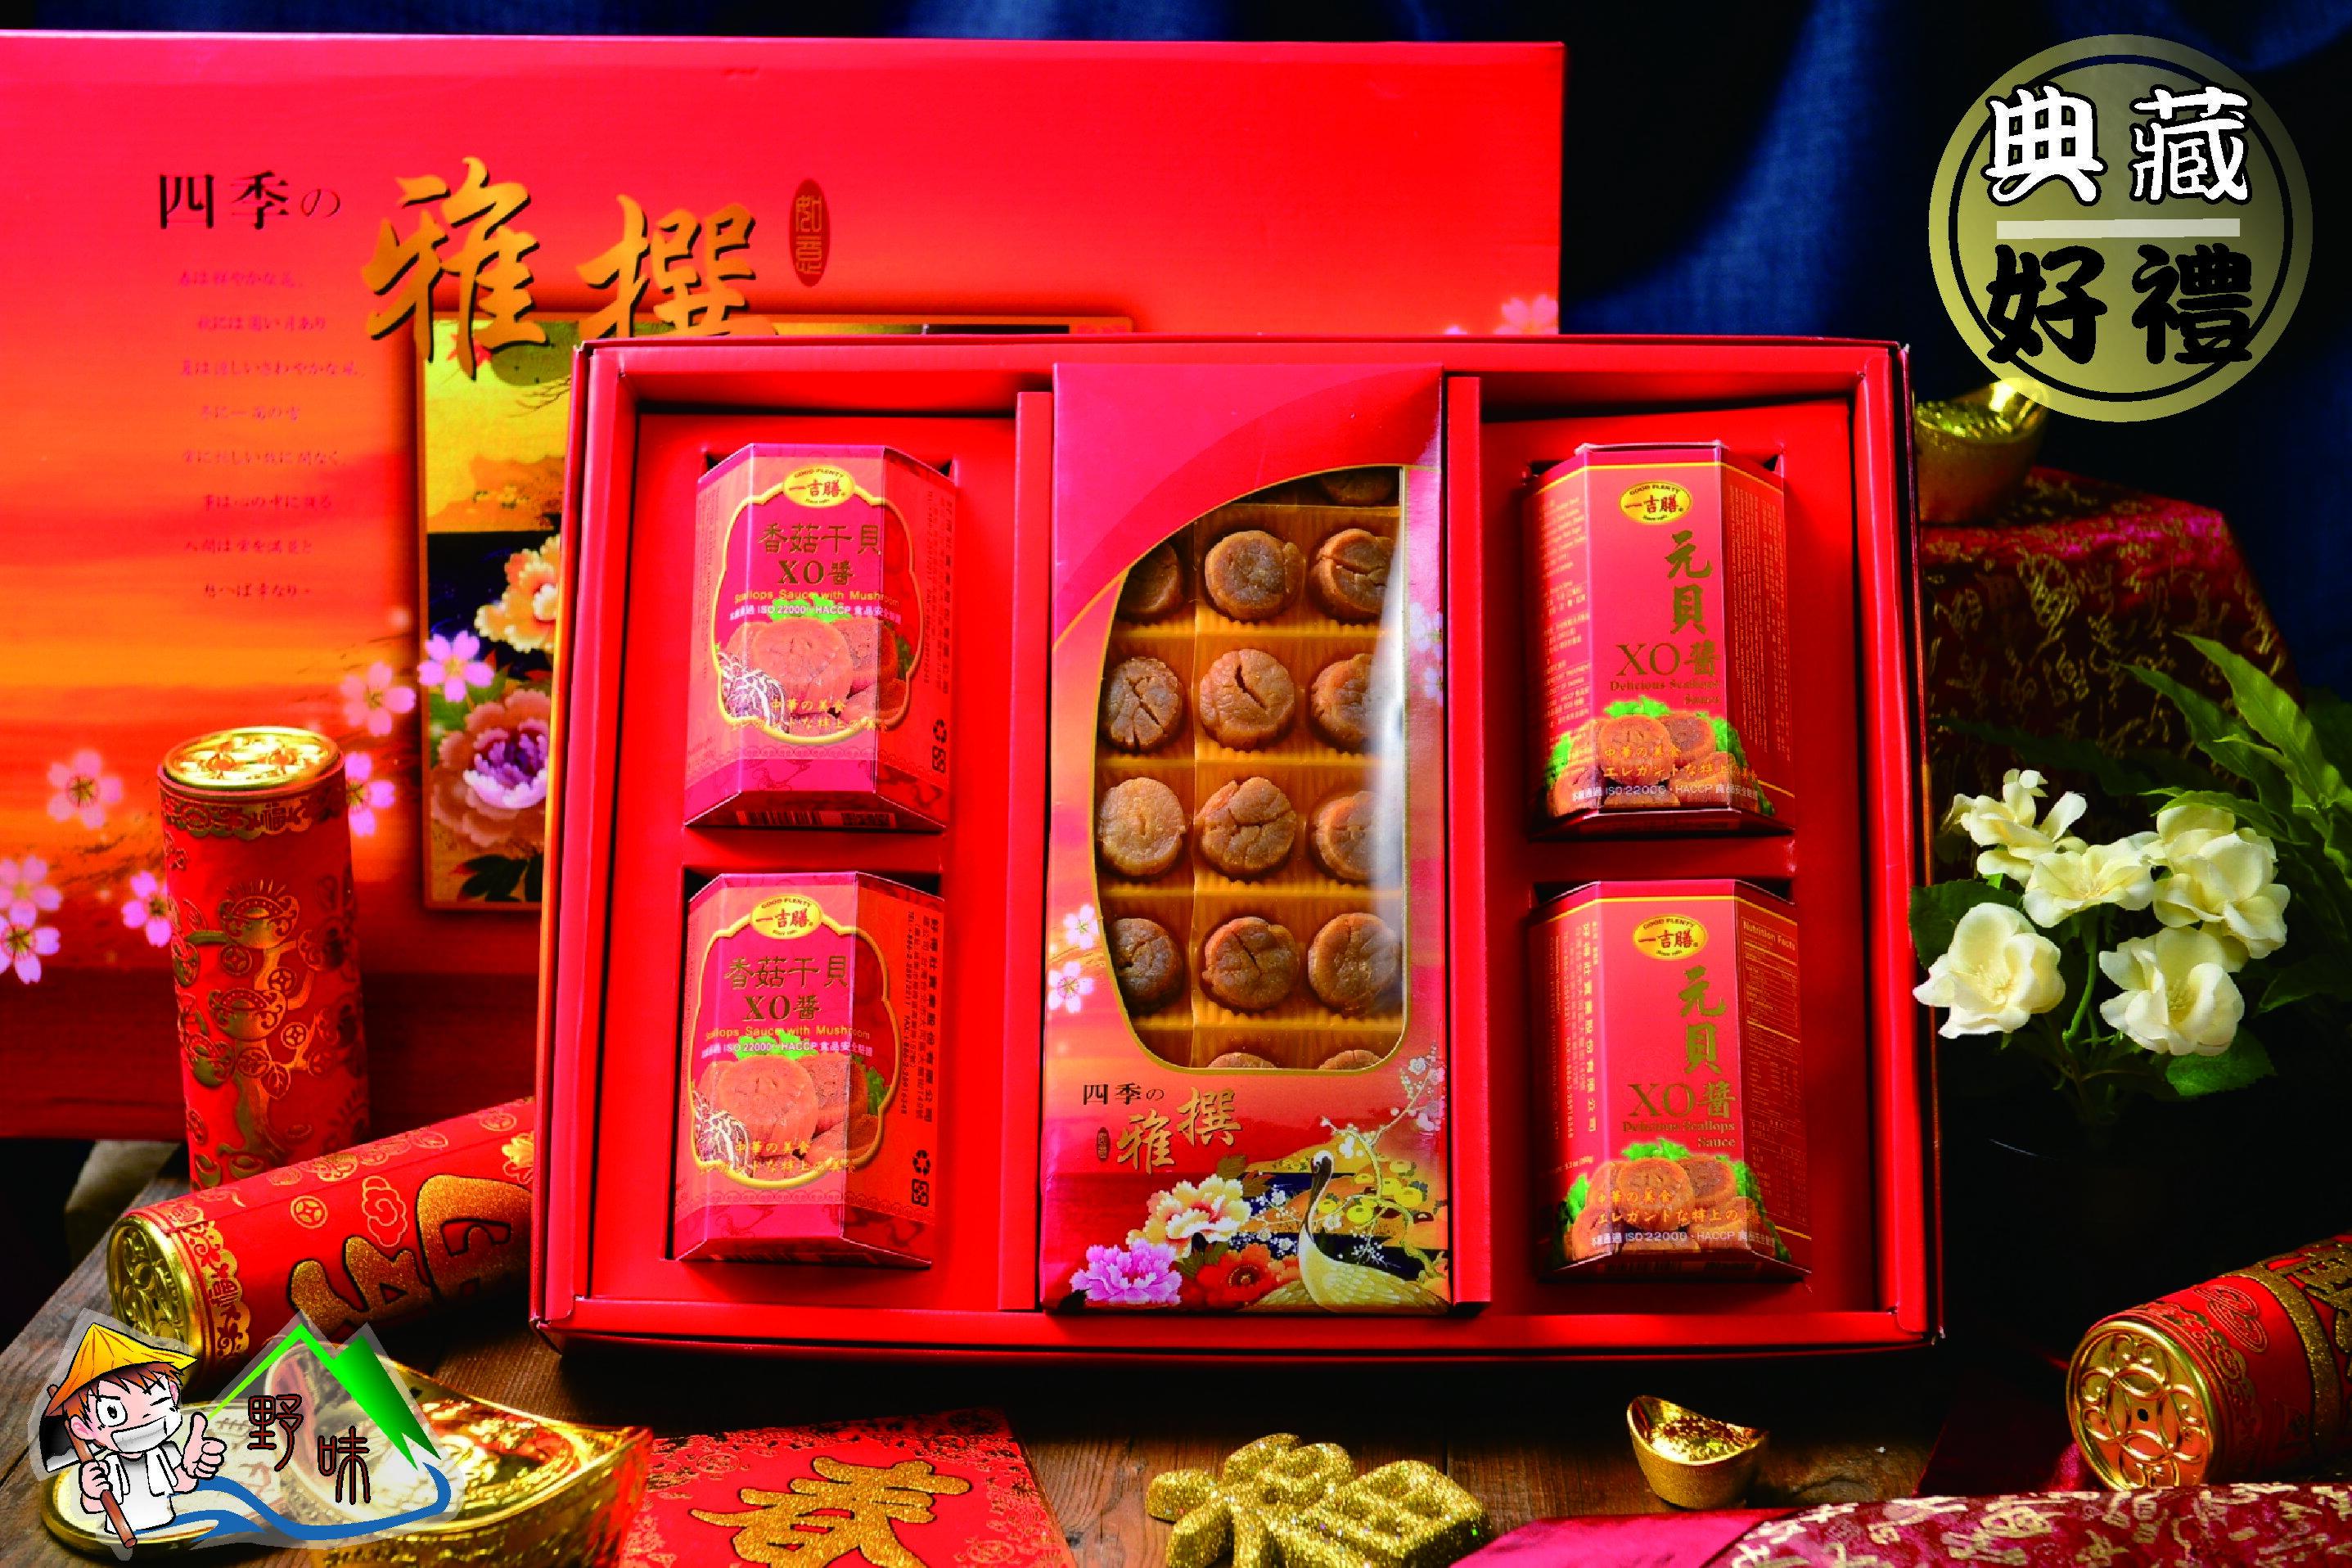 【野味食品】四季雅撰15(日本北海道M級干貝柱+一吉膳元貝XO醬+一吉膳香菇XO醬罐頭)(附贈年節禮盒、禮袋)(春節禮盒,傳統禮盒,年貨禮盒)